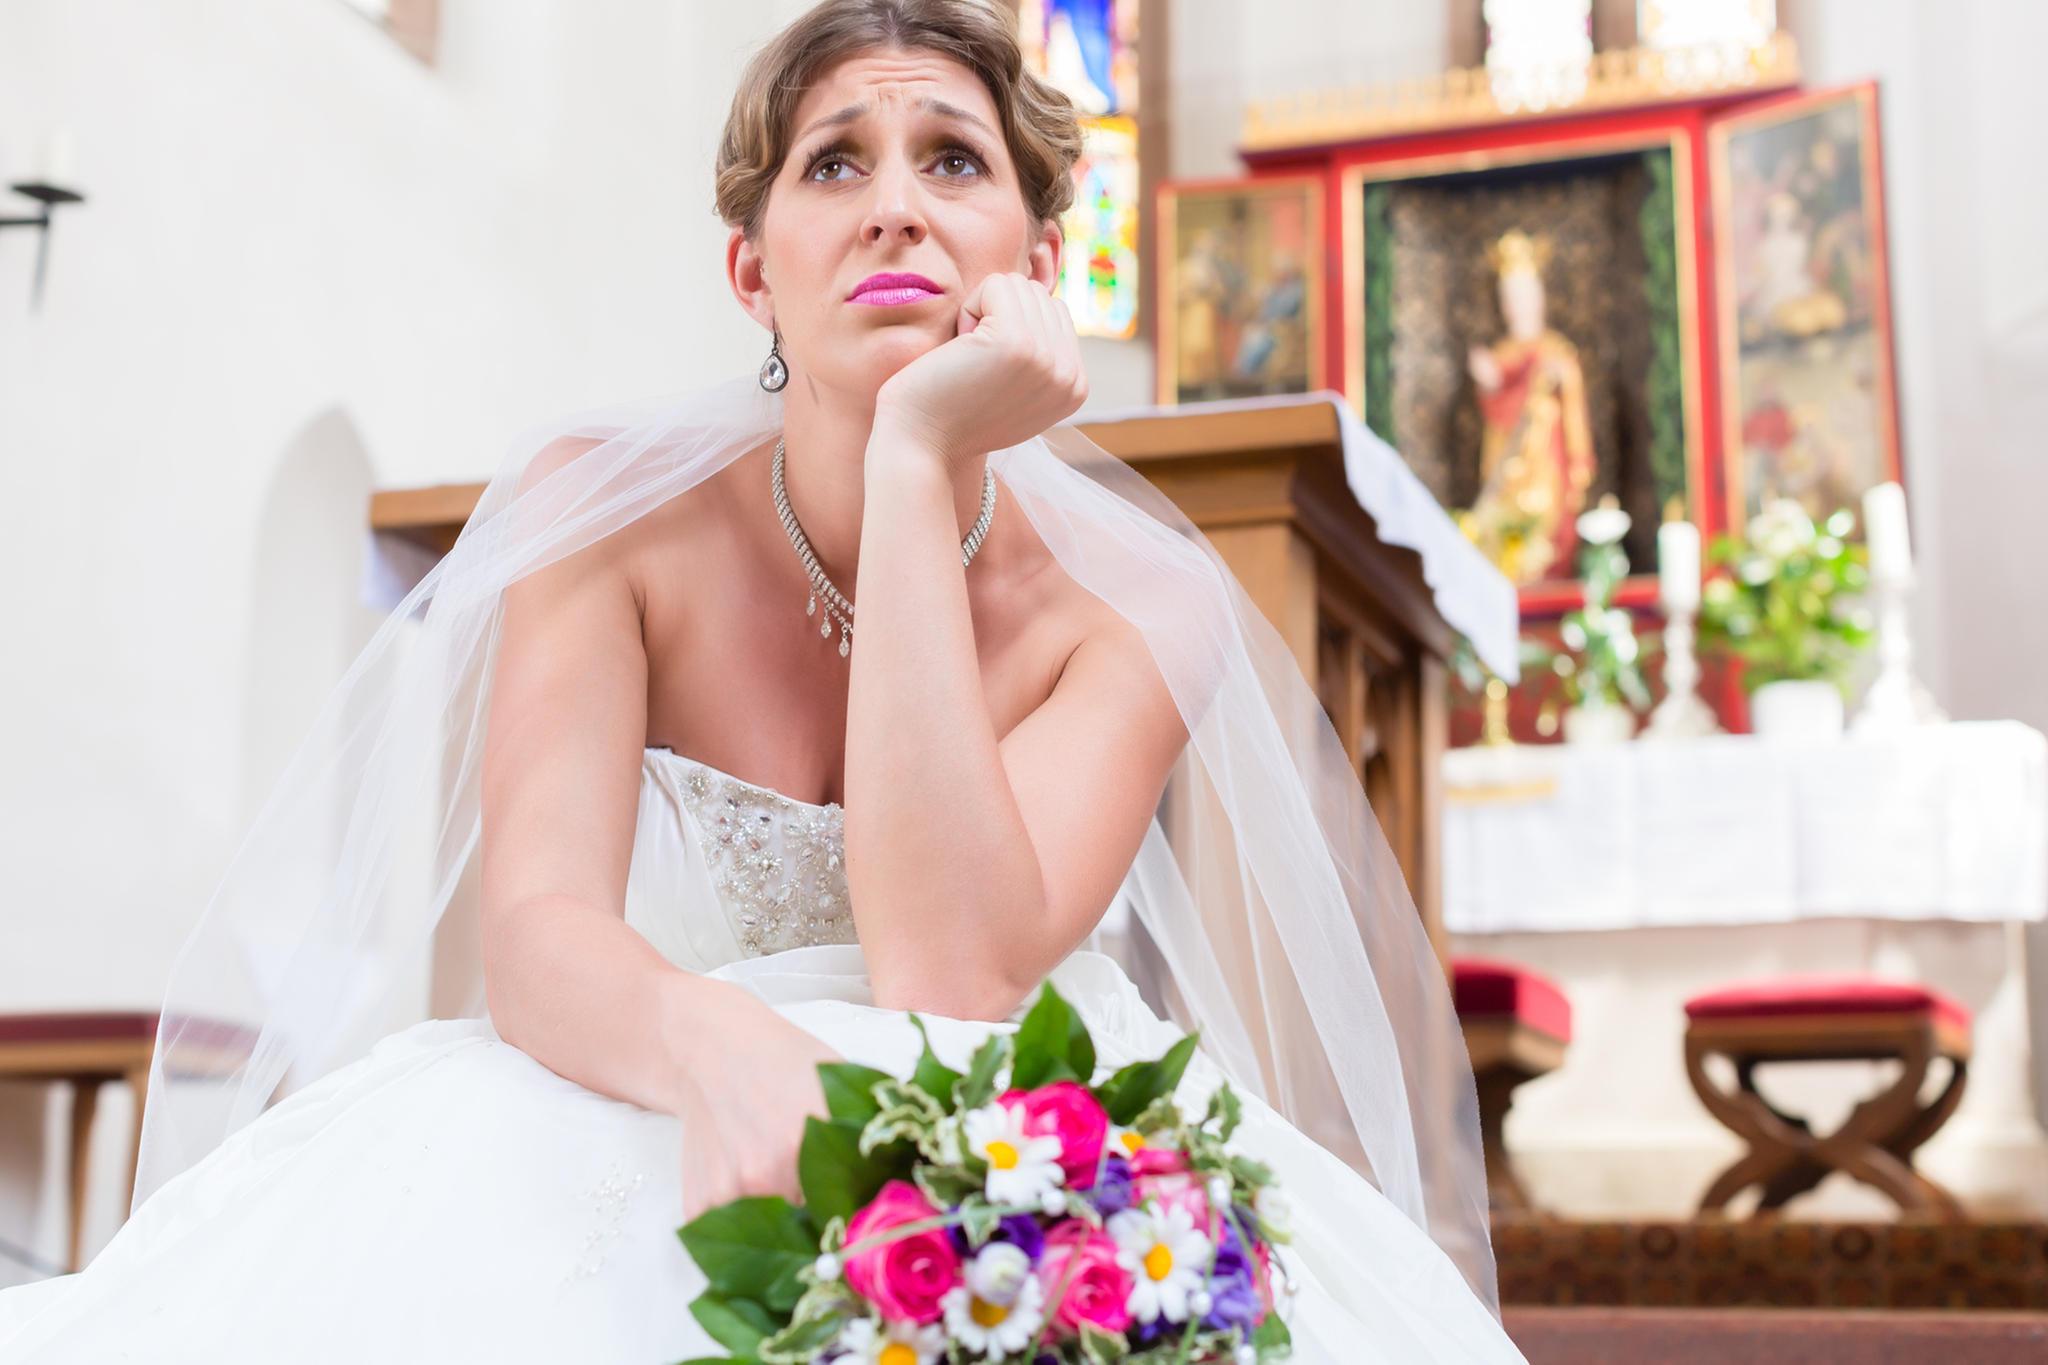 Hochzeit Absagen Diese Grunde Sprechen Gegen Den Altar Barbara De